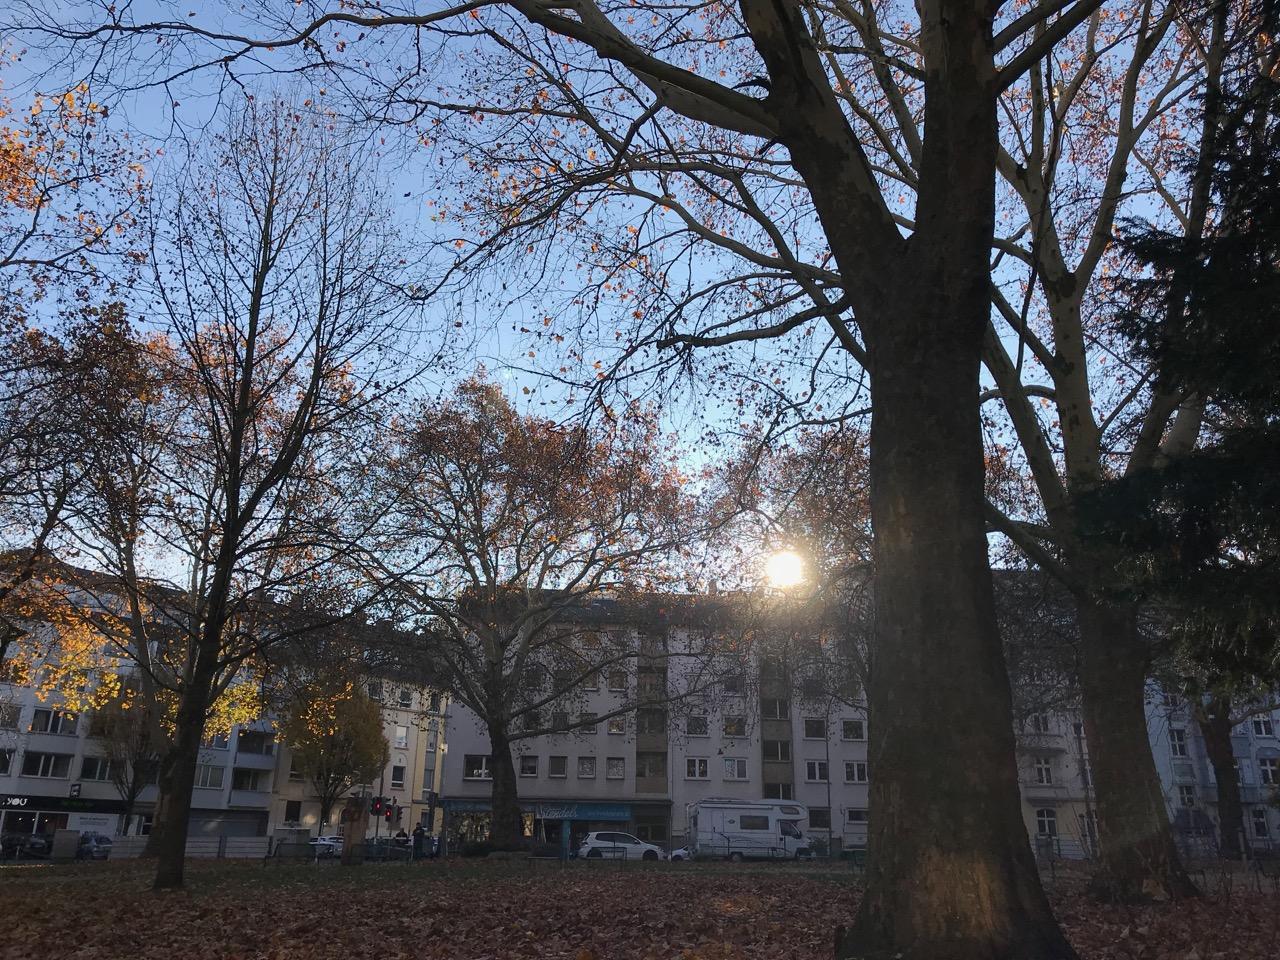 Sonntag morgen: Die Sonne scheint durch die fast entlaubten Bäume